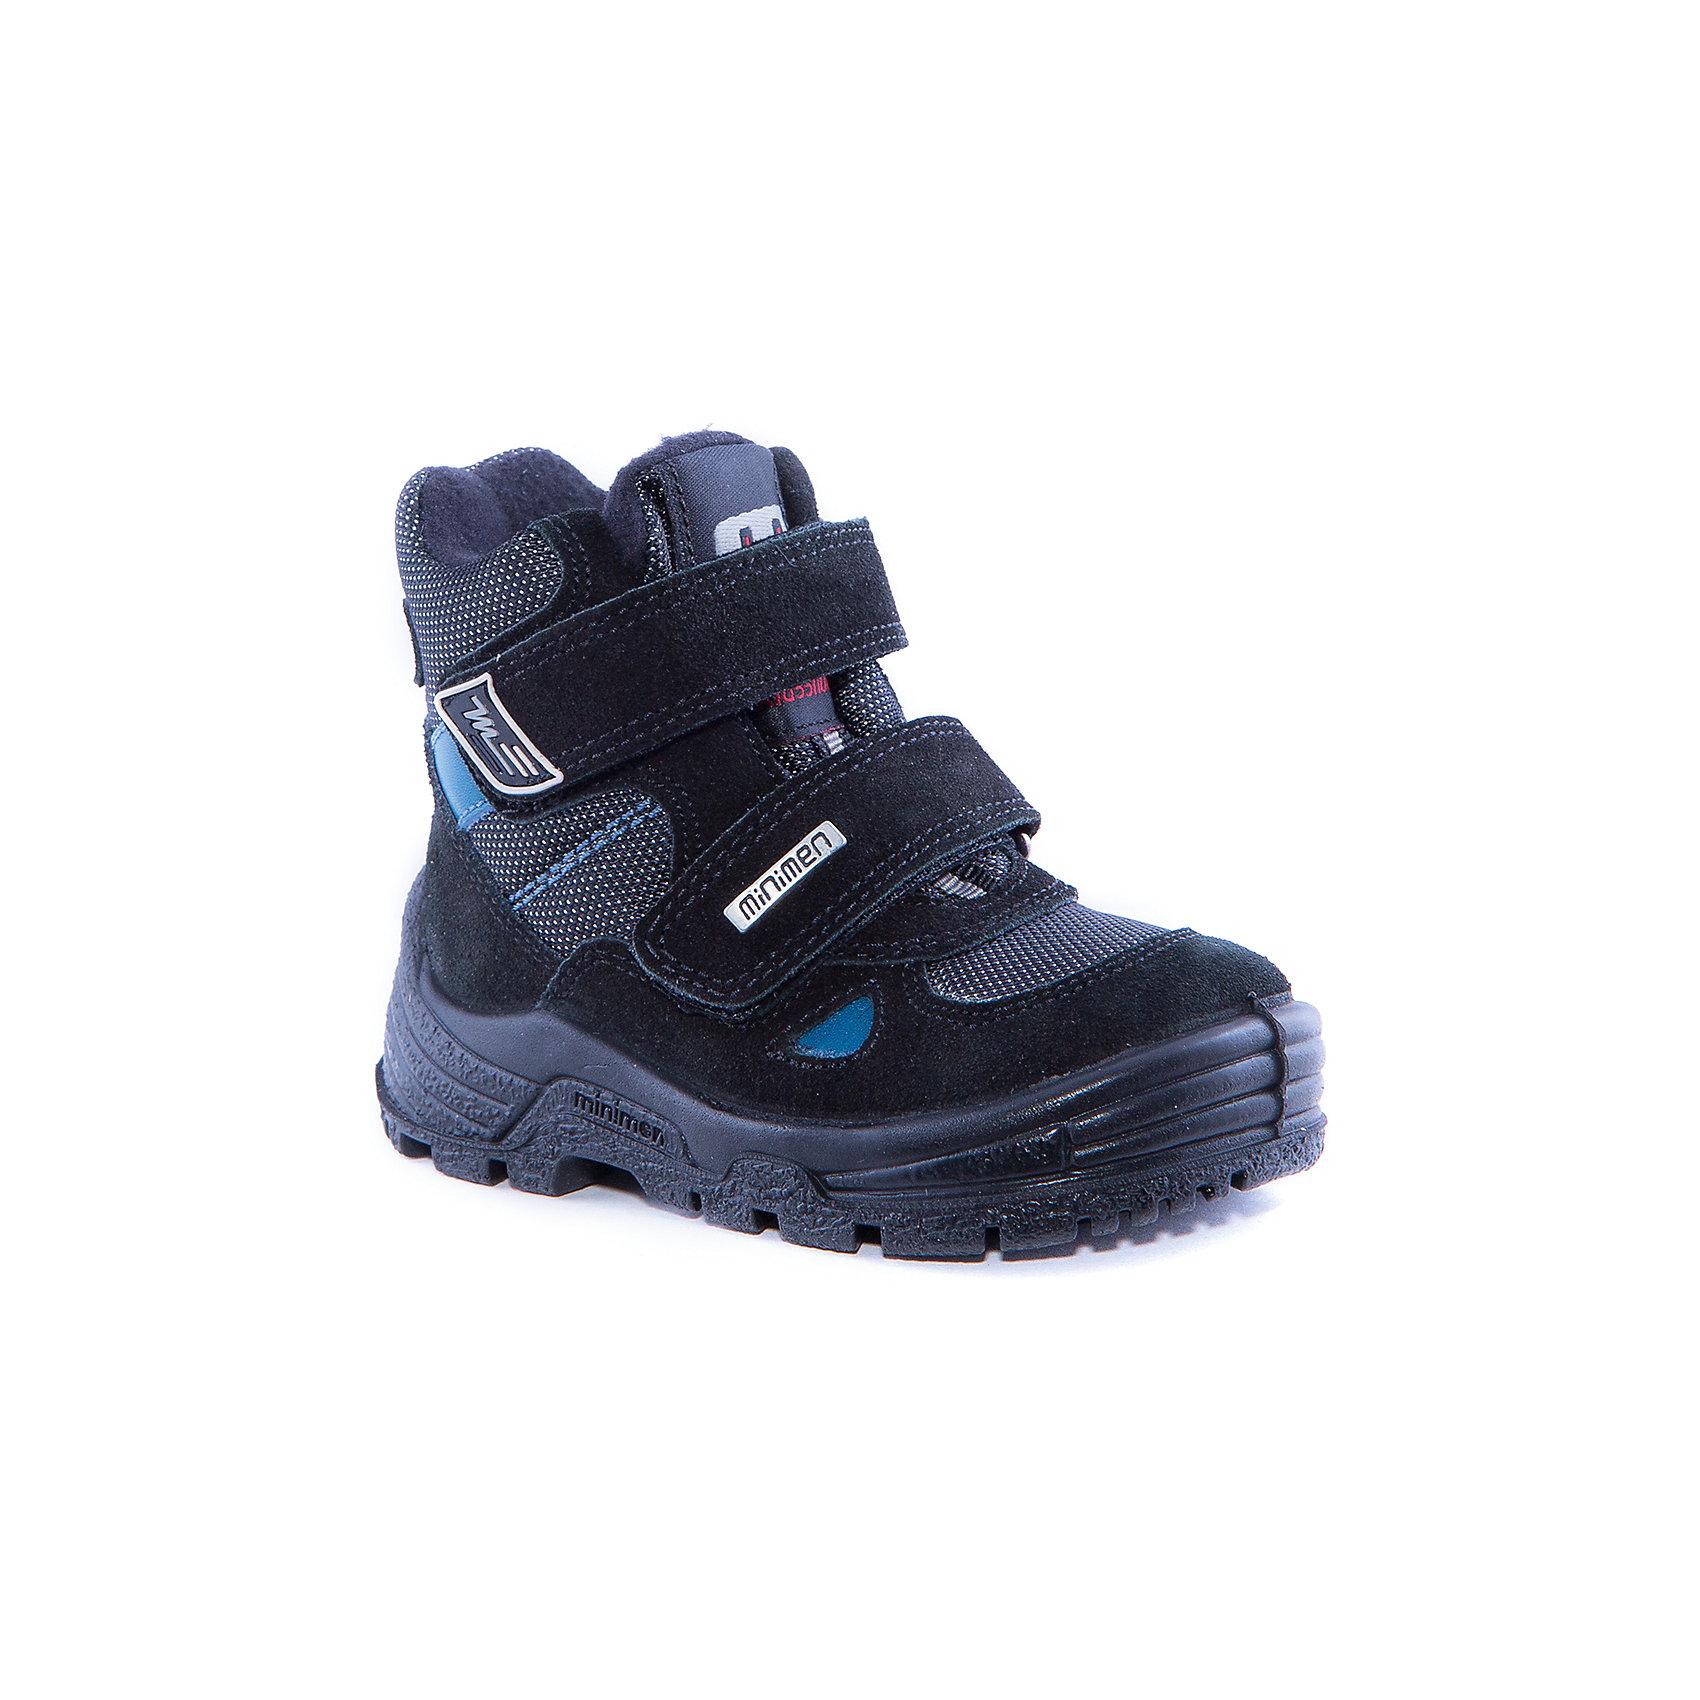 Ботинки для мальчика MinimenБотинки<br>Полусапоги для мальчика от известного бренда Minimen<br><br>Черные сапоги Minimen созданы для ношения в межсезонье и начинающиеся холода. Их форма тщательно проработана, поэтому детским ножкам в такой обуви тепло и комфортно. Качественные материалы позволяют сделать изделия износостойкими и удобными.<br><br>При создании этой модели использована мембрана SympaTex. Она добавляется в подкладку обуви и позволяют ногам оставаться сухими и теплыми. Мембрана активно отводит влагу наружу, и не дает жидкости проникать внутрь, а также  не создает препятствий для воздуха, обеспечивая комфортные условия для детских ножек.<br><br>Отличительные особенности модели:<br><br>- цвет: черный;<br>- мембрана SympaTex;<br>- гибкая нескользящая подошва;<br>- усиленный носок и задник;<br>- эргономичная форма;<br>- удобная колодка;<br>- шерстяная подкладка;<br>- натуральная кожа;<br>- застежки-липучки.<br><br>Дополнительная информация:<br><br>- Температурный режим: от - 20° С  до +5° С.<br><br>- Состав:<br><br>материал верха: 100% натуральная кожа<br>материал подкладки: 100% шерсть<br>подошва: ТЭП<br><br>Полусапоги для мальчика Minimen (Минимен) можно купить в нашем магазине.<br><br>Ширина мм: 257<br>Глубина мм: 180<br>Высота мм: 130<br>Вес г: 420<br>Цвет: черный<br>Возраст от месяцев: 18<br>Возраст до месяцев: 21<br>Пол: Мужской<br>Возраст: Детский<br>Размер: 25,22,29,28,27,26,24,21,23<br>SKU: 4295721